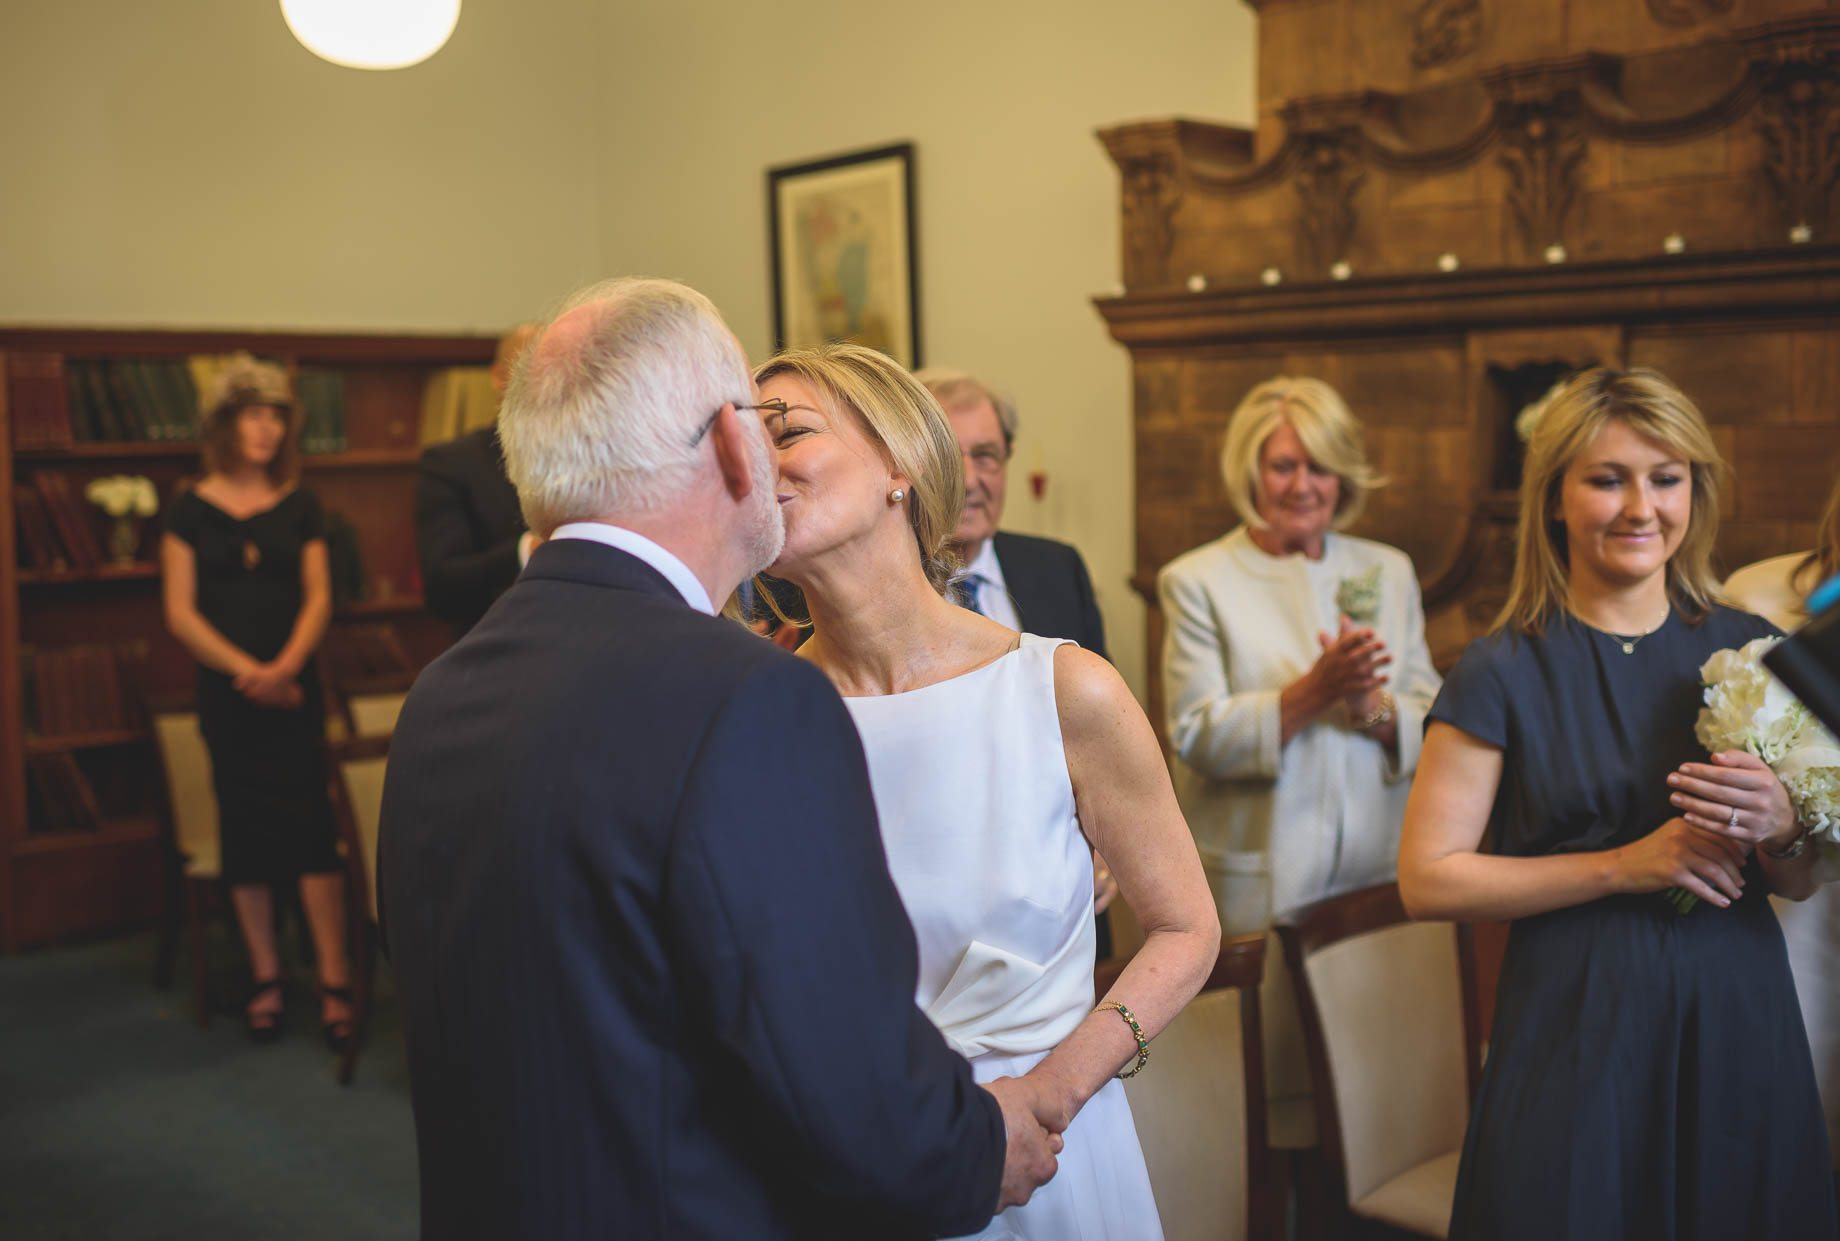 Mayfair wedding photography - Allison and Eugene (43 of 94)